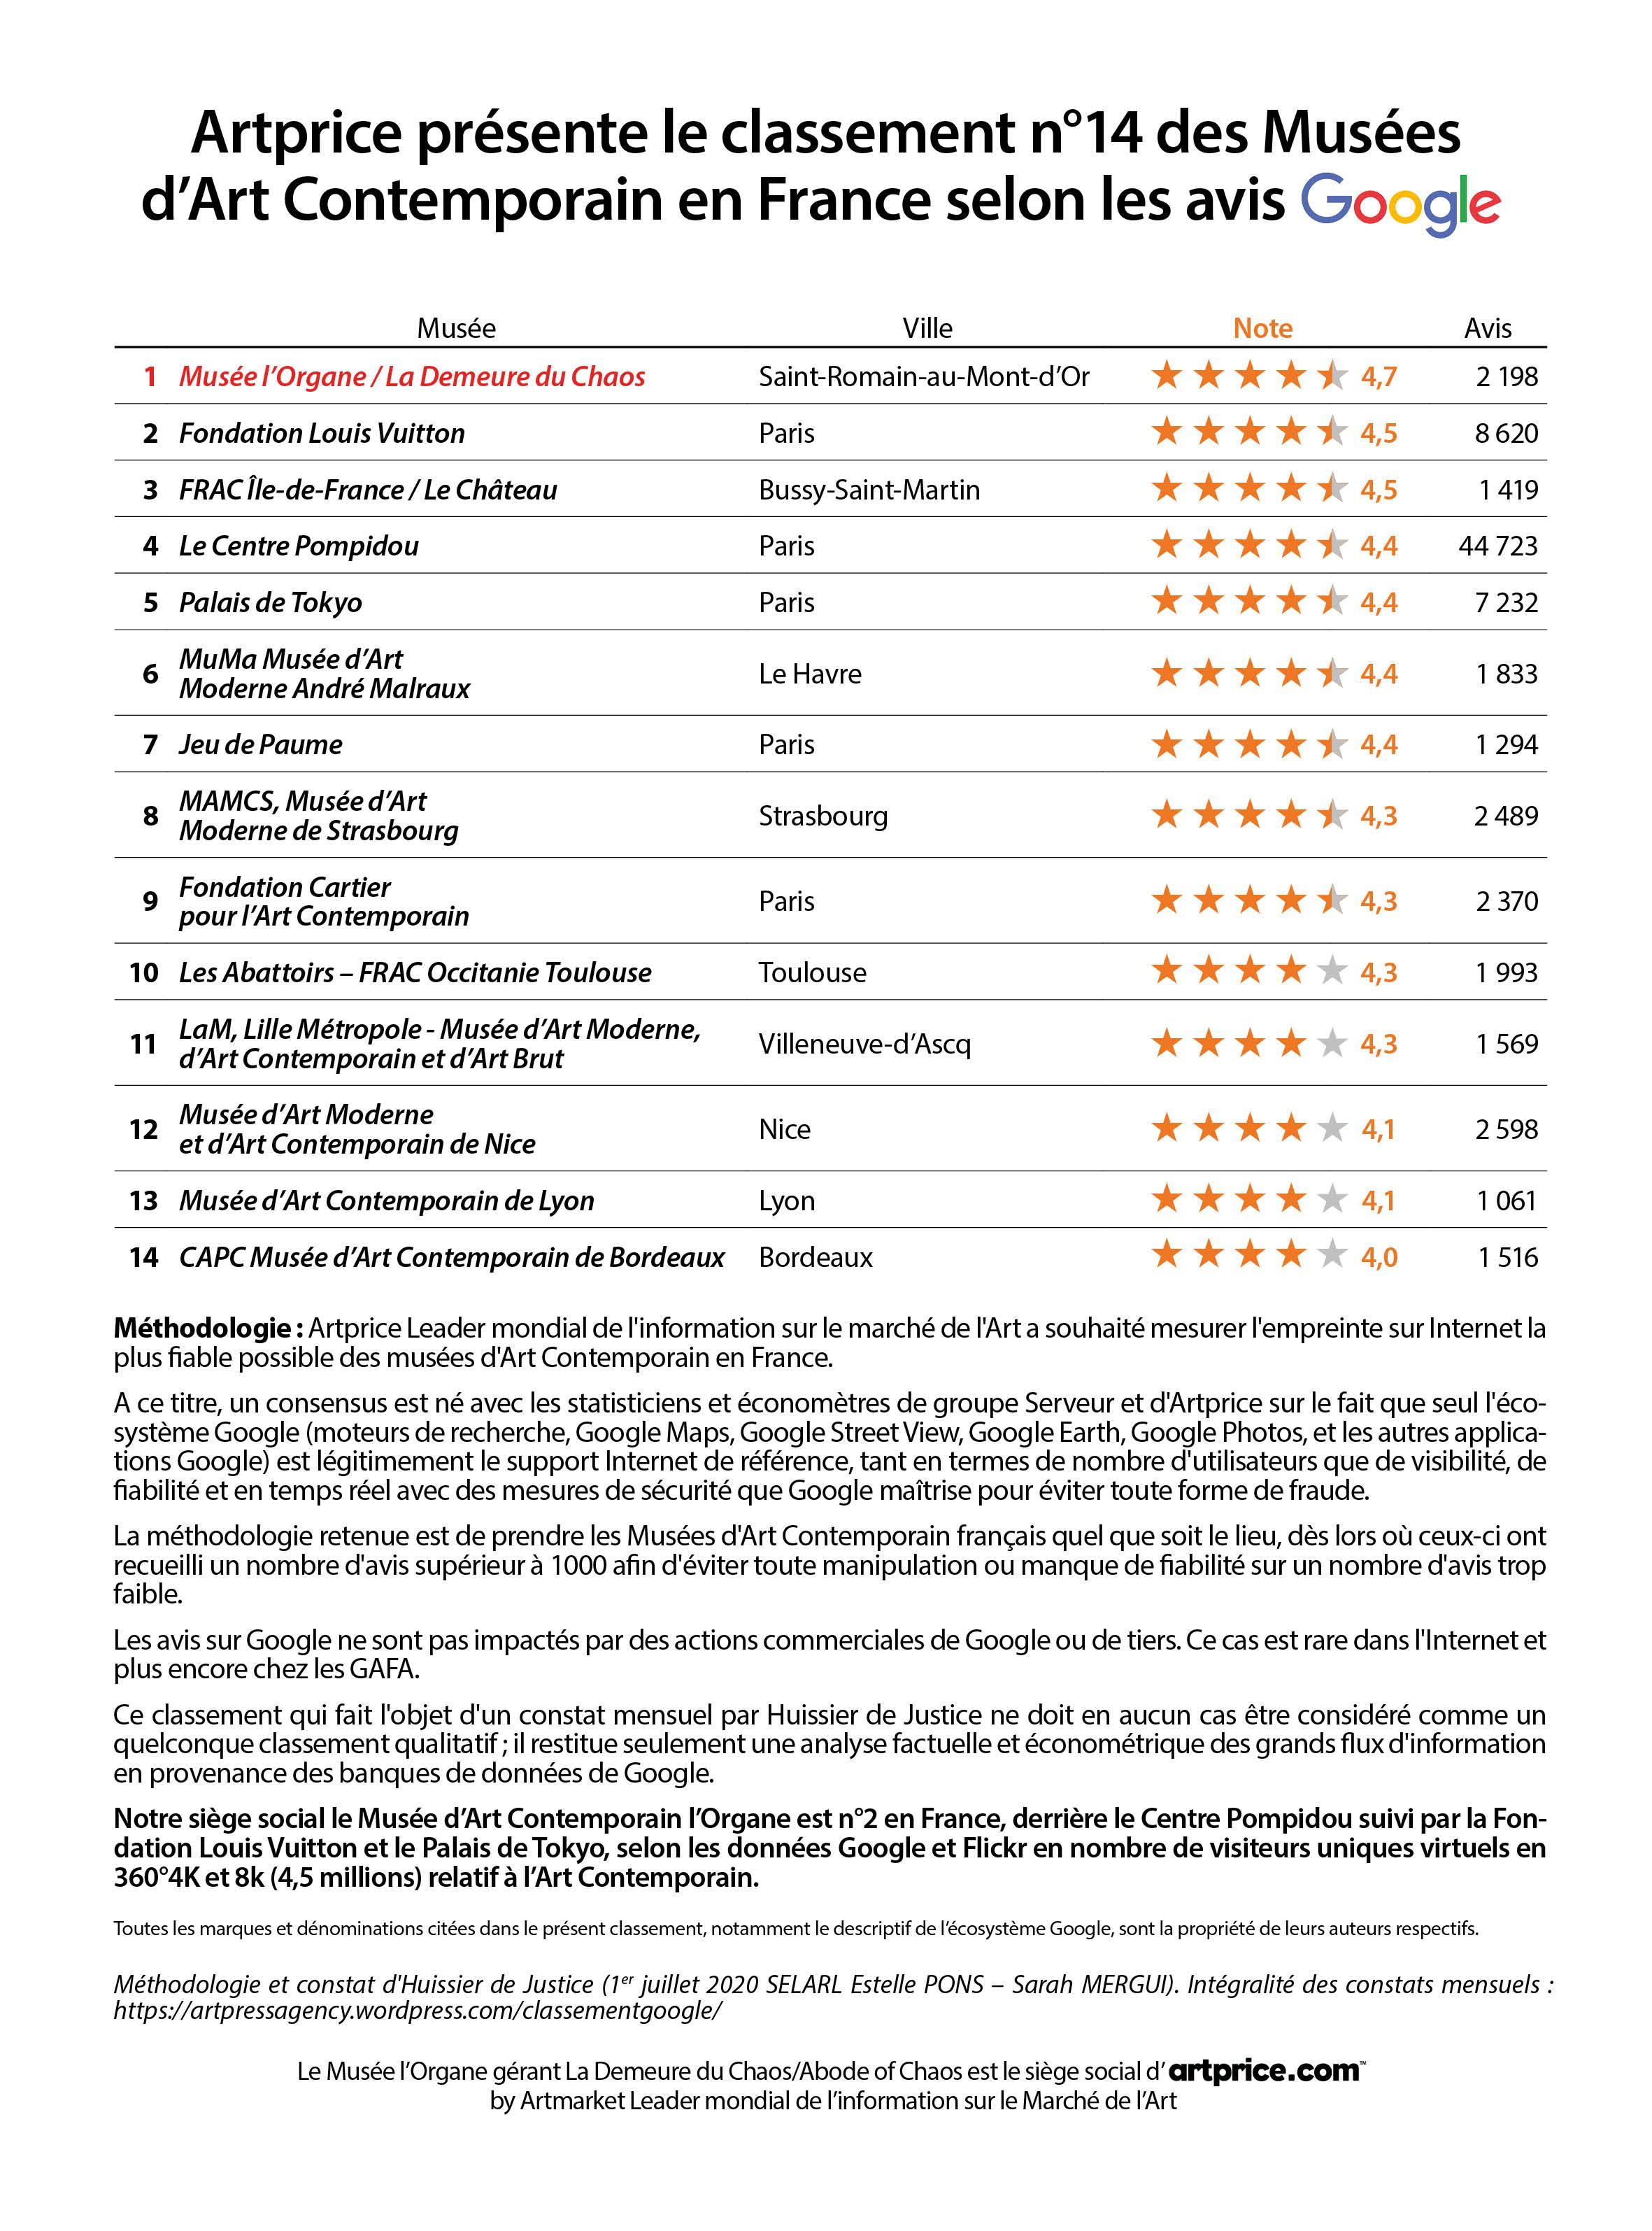 Artprice présente le classement n°14 des Musées d'Art Contemporain en France selon les avis Google